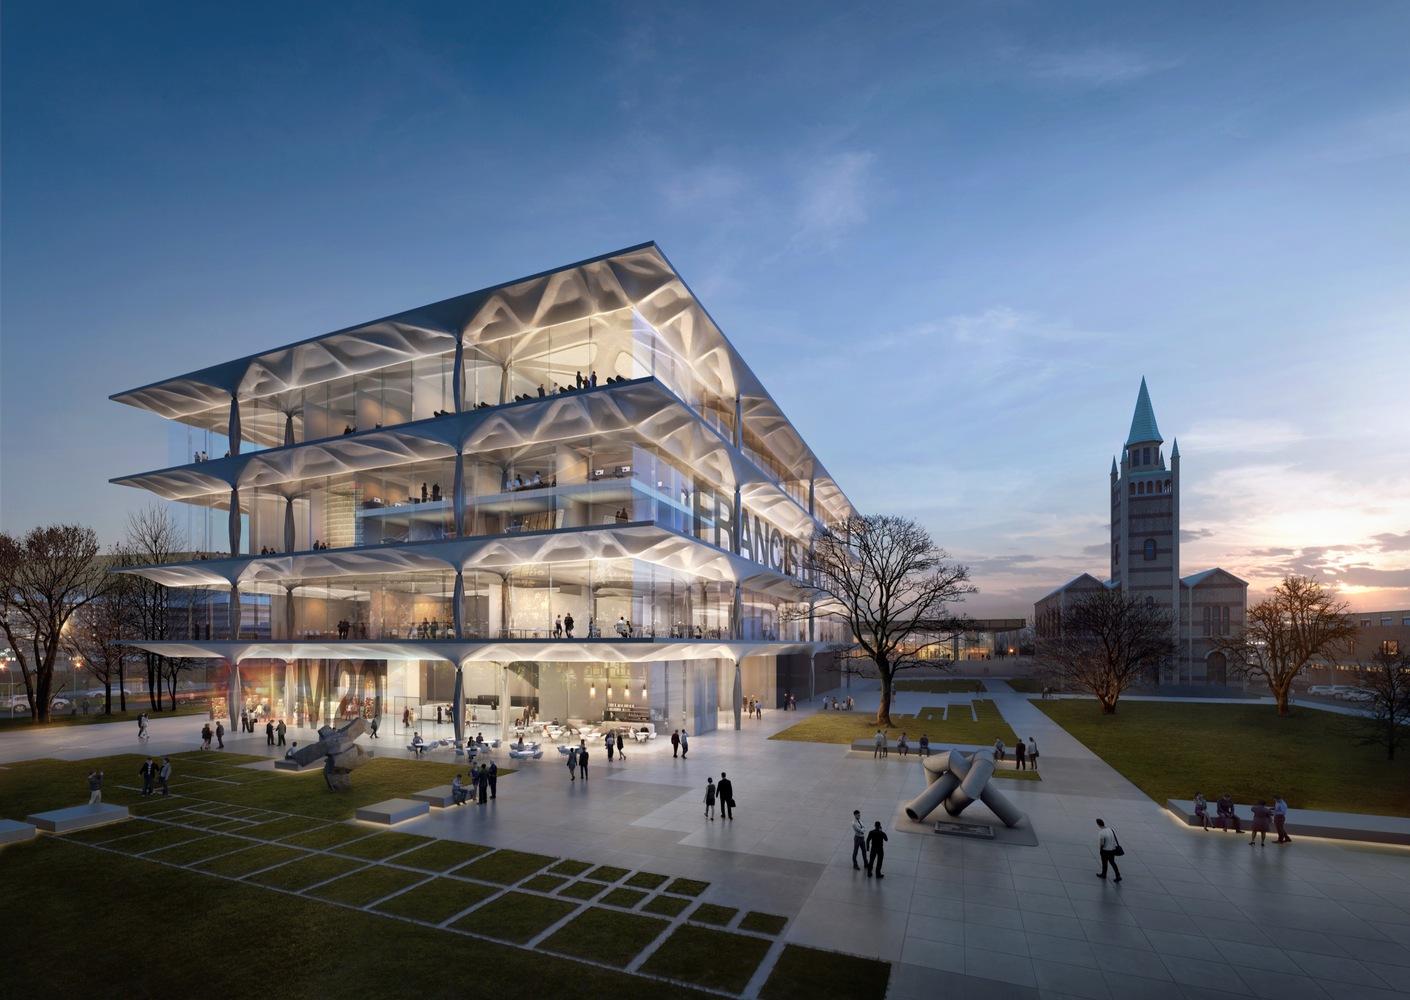 В октябре 2016 года были определены победители конкурса проектов Музея ХХ века в Берлине. Конкурс был запущен в 2015 году. Zaha Hadid Architechts тоже подавали свою заявку на участие, однако не вошли даже в тройку финалистов